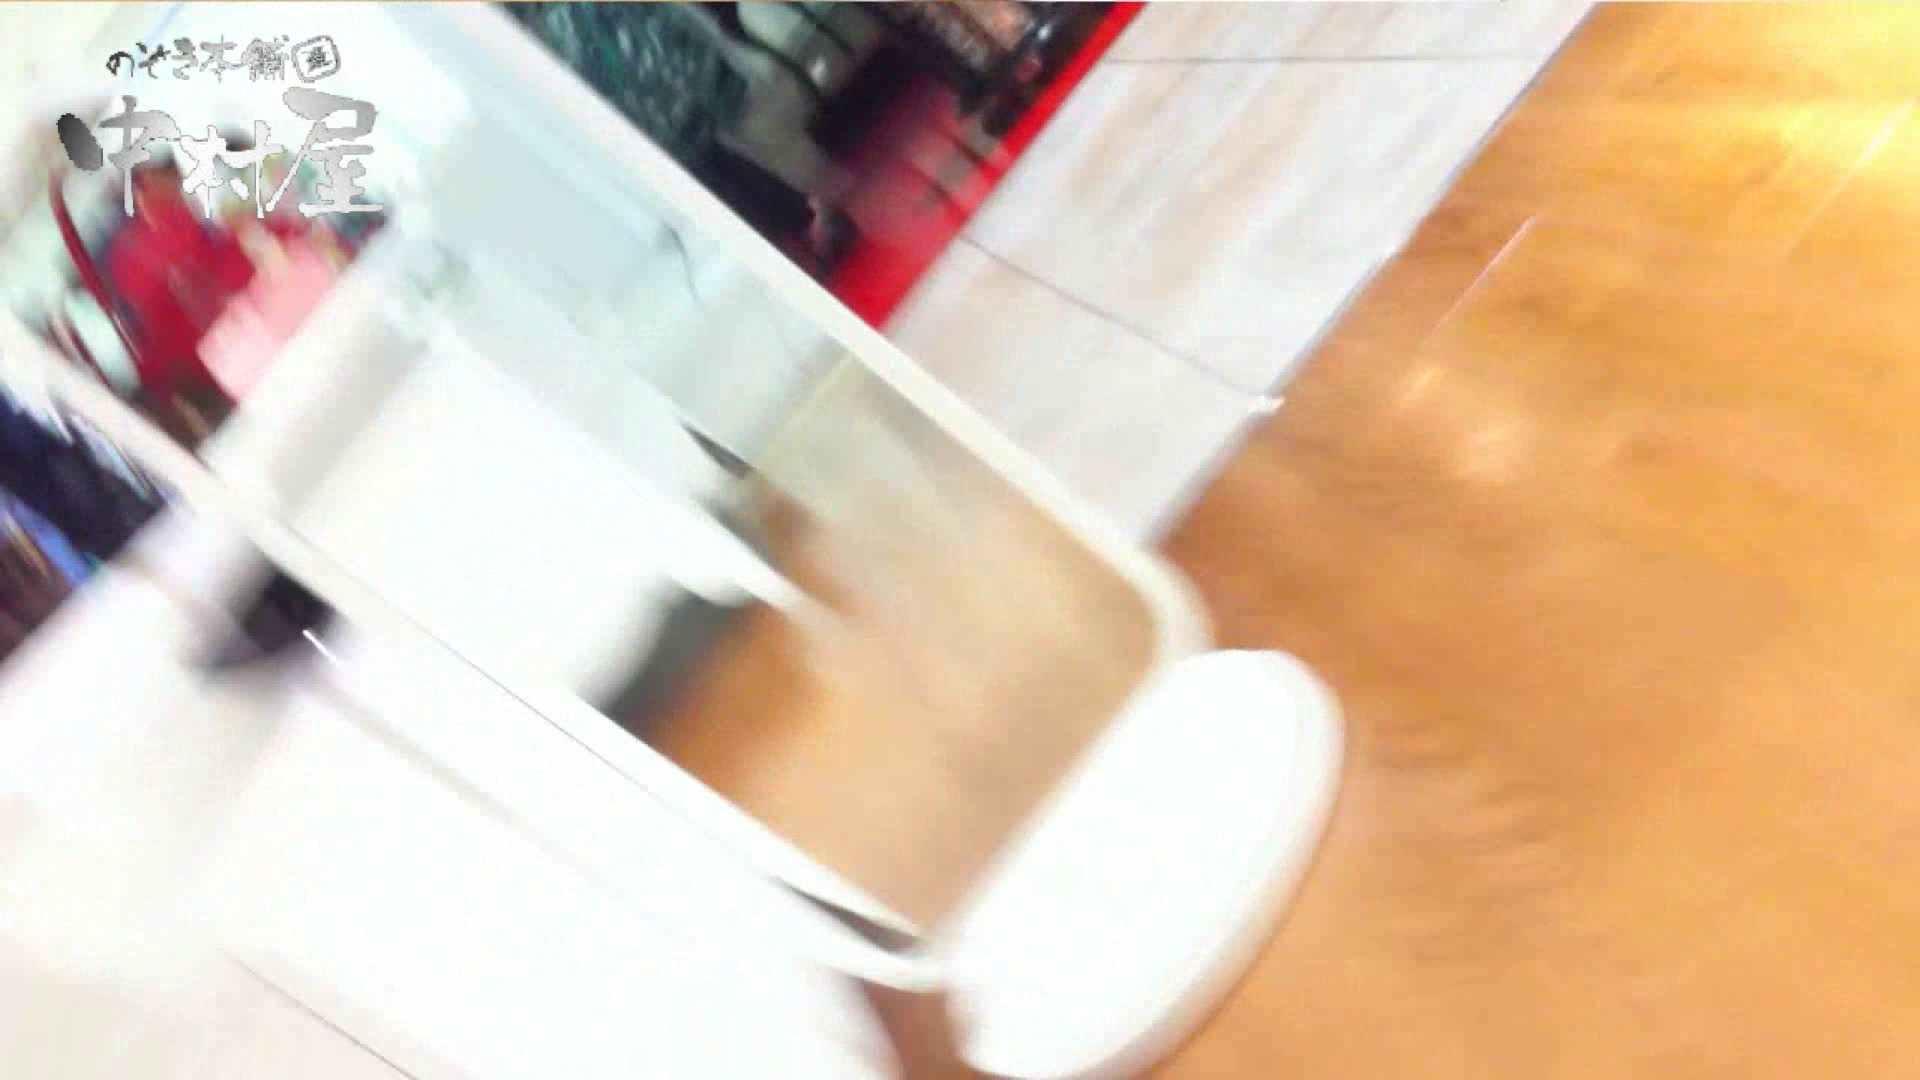 vol.48可愛いカリスマ店員胸チラ&パンチラ アニメ声の店員さん OLのエロ生活  96連発 70